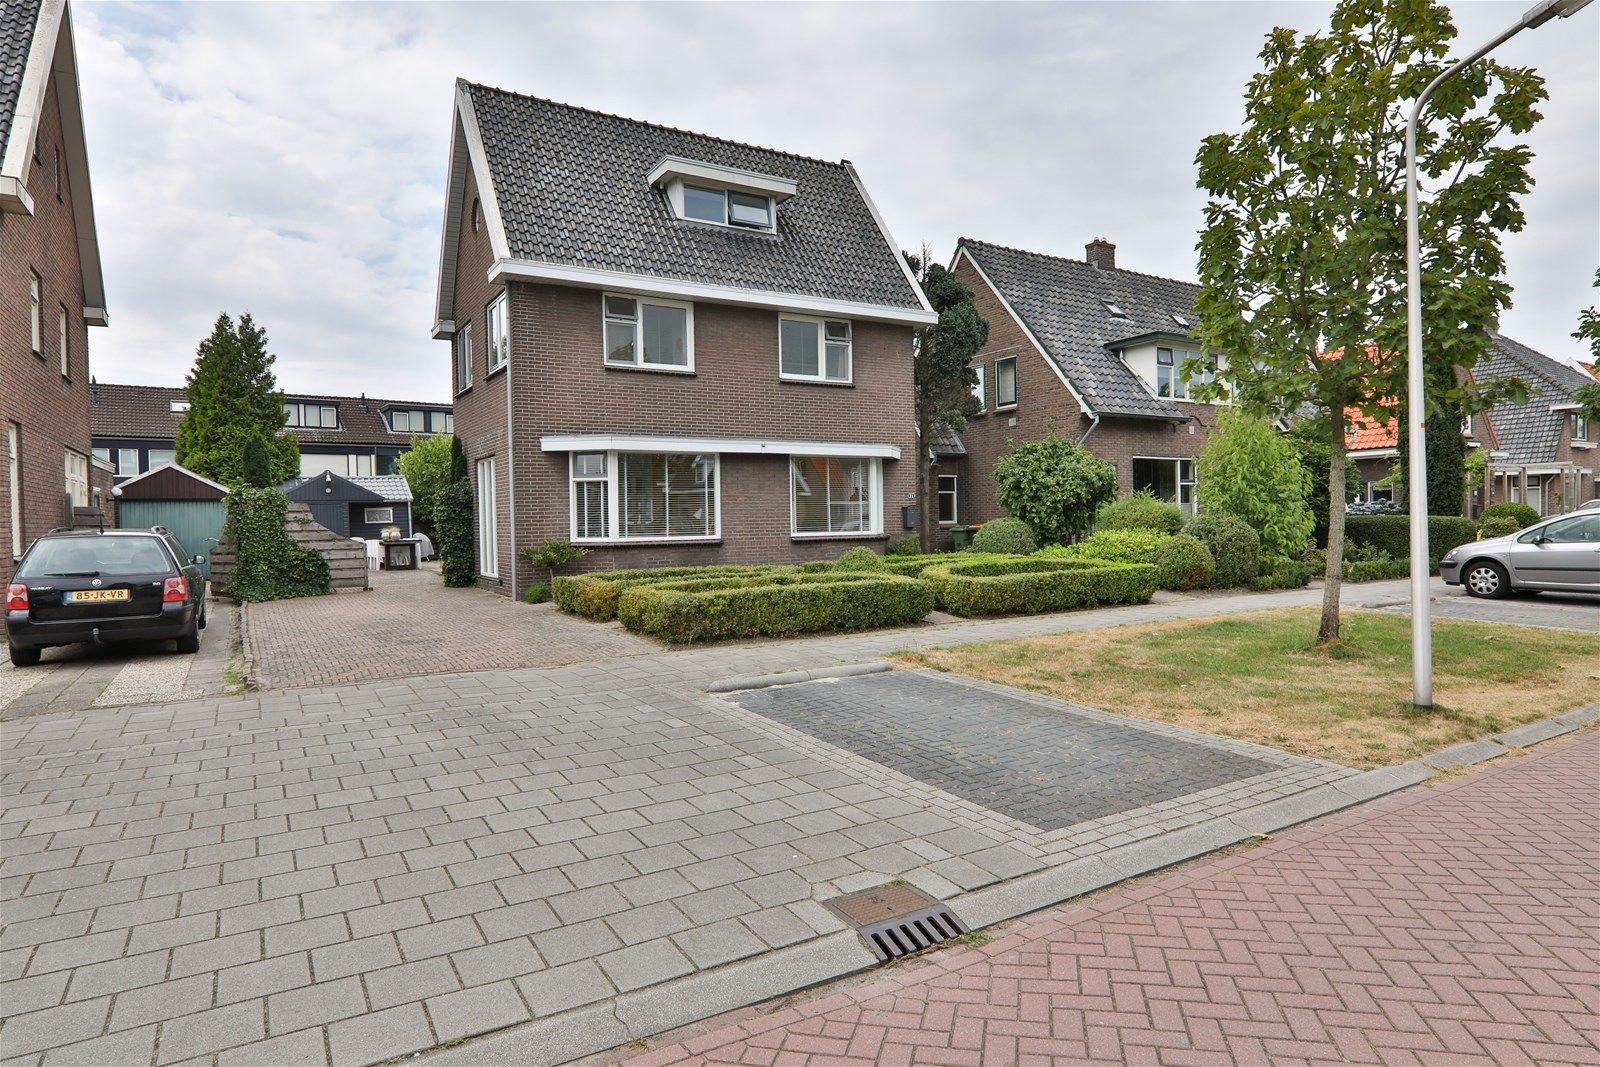 Zuiderweg 38, Hoogeveen